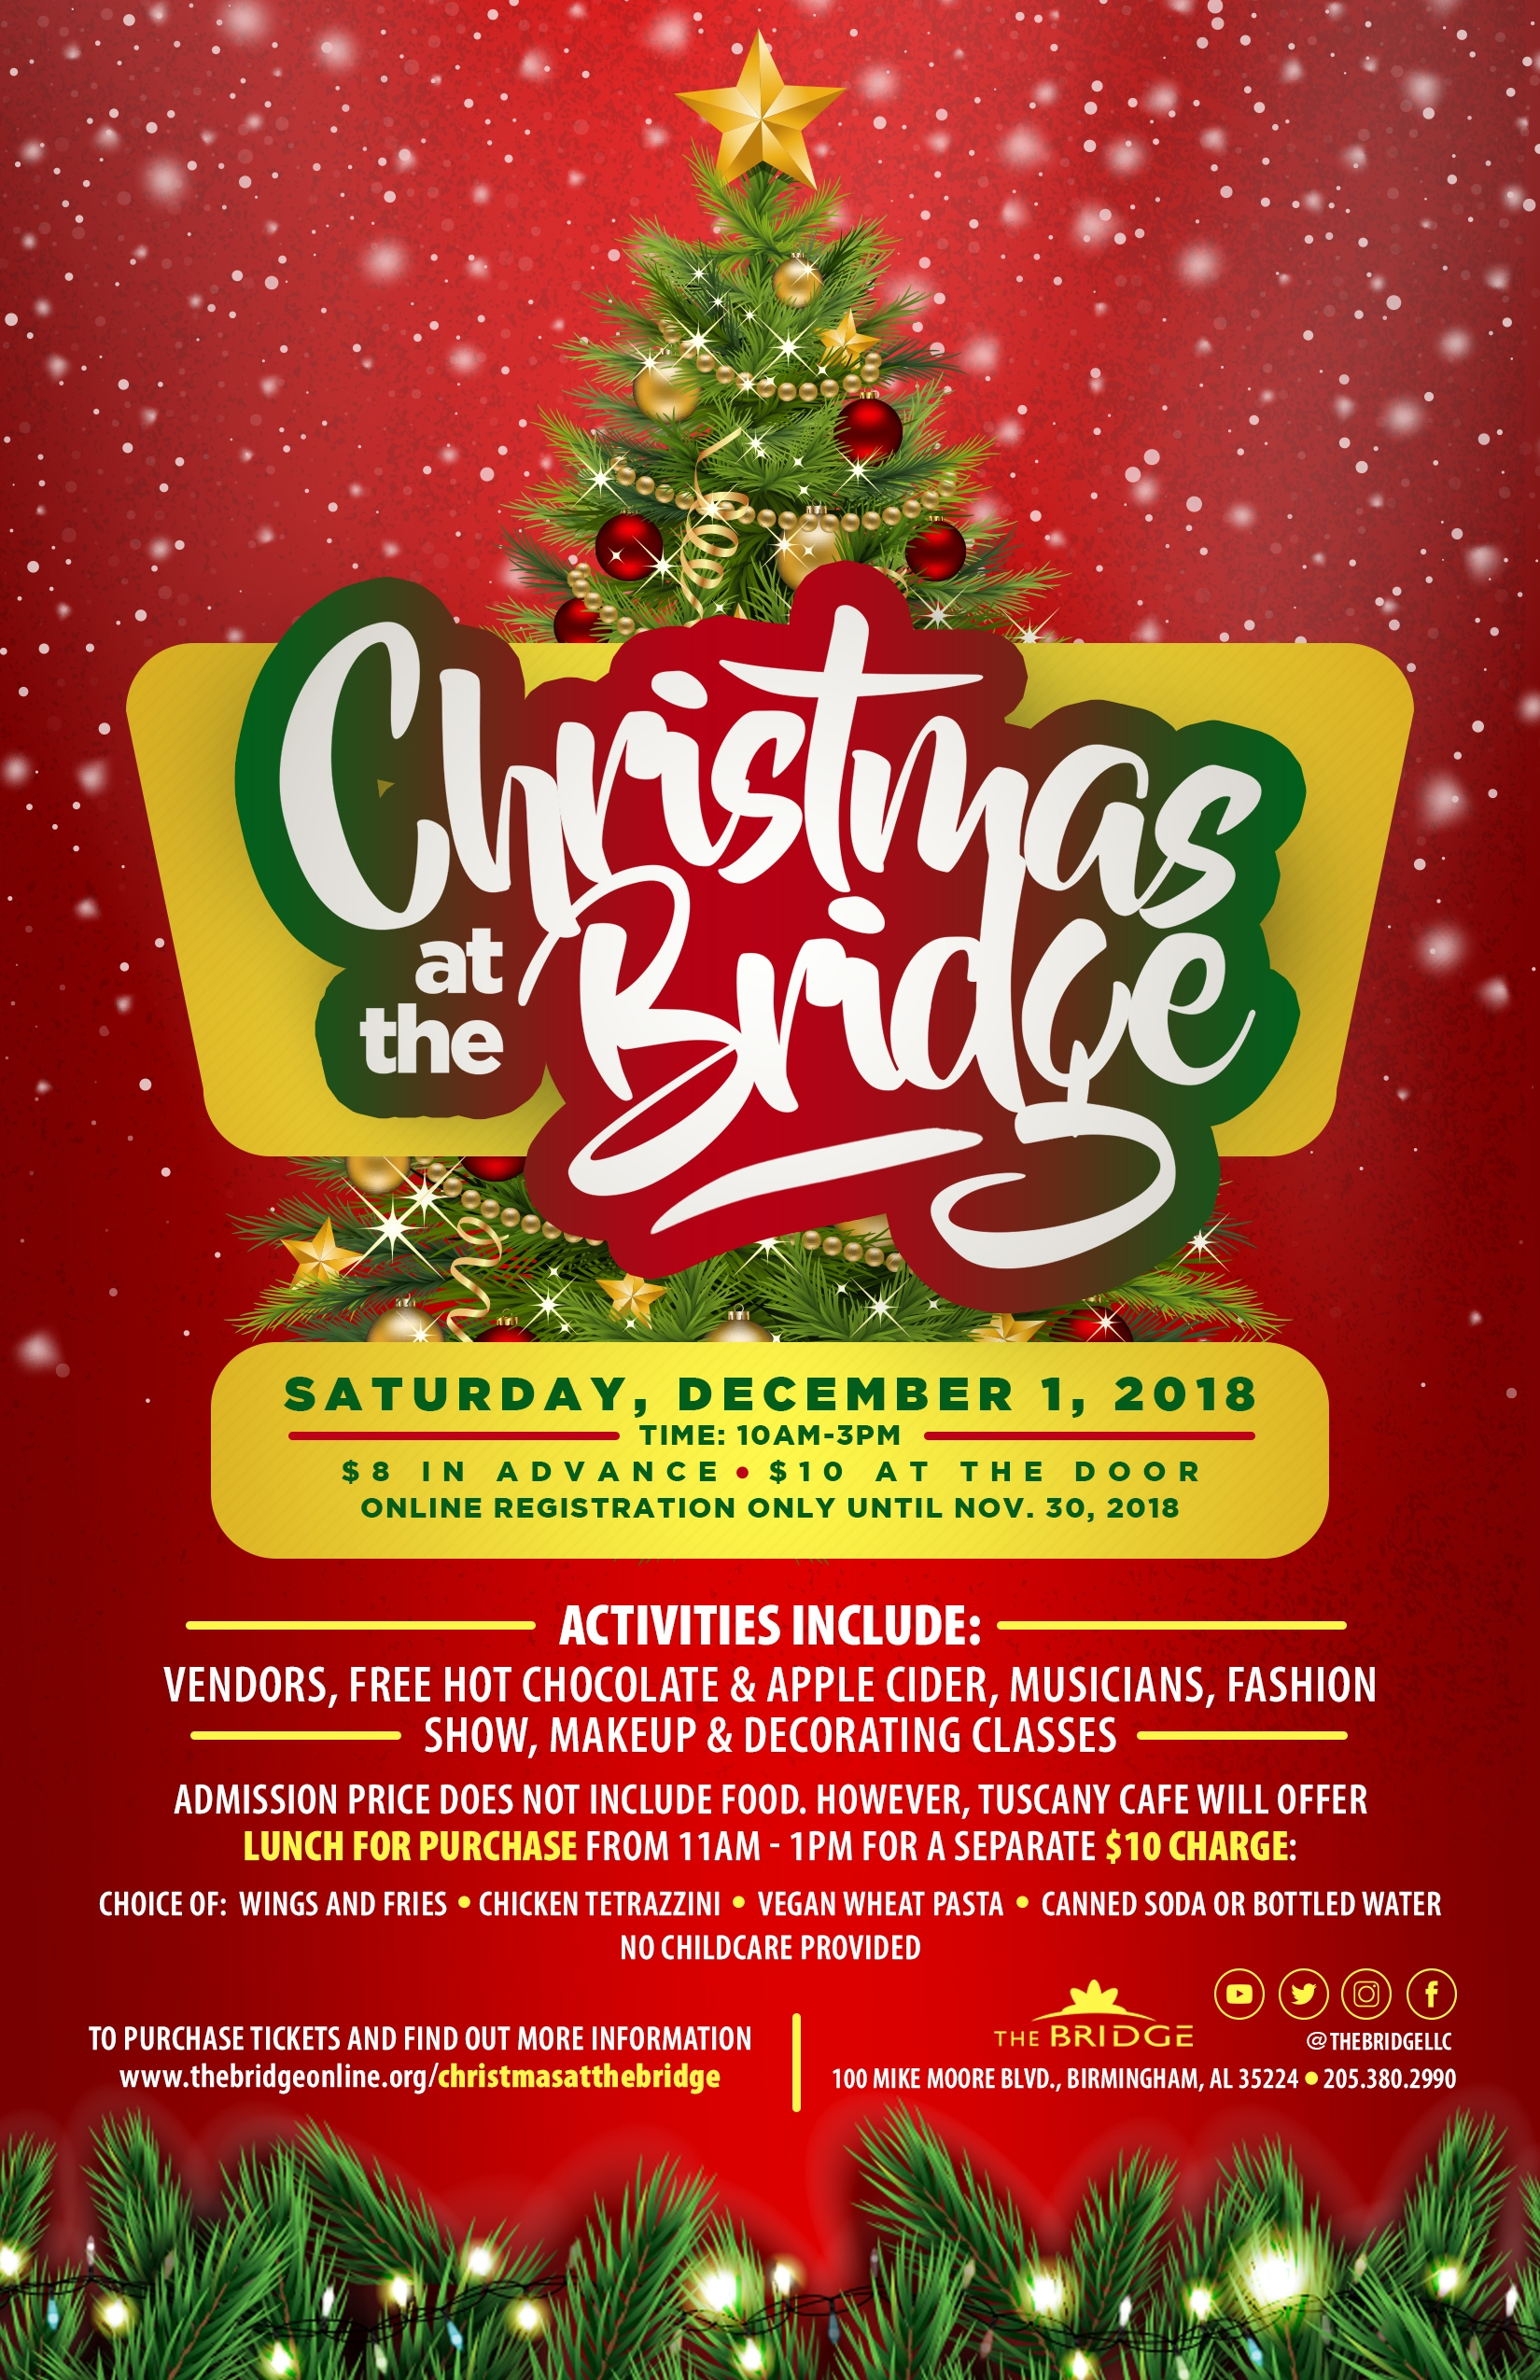 Christmas at the Bridge 2018 flyer v4.jpg